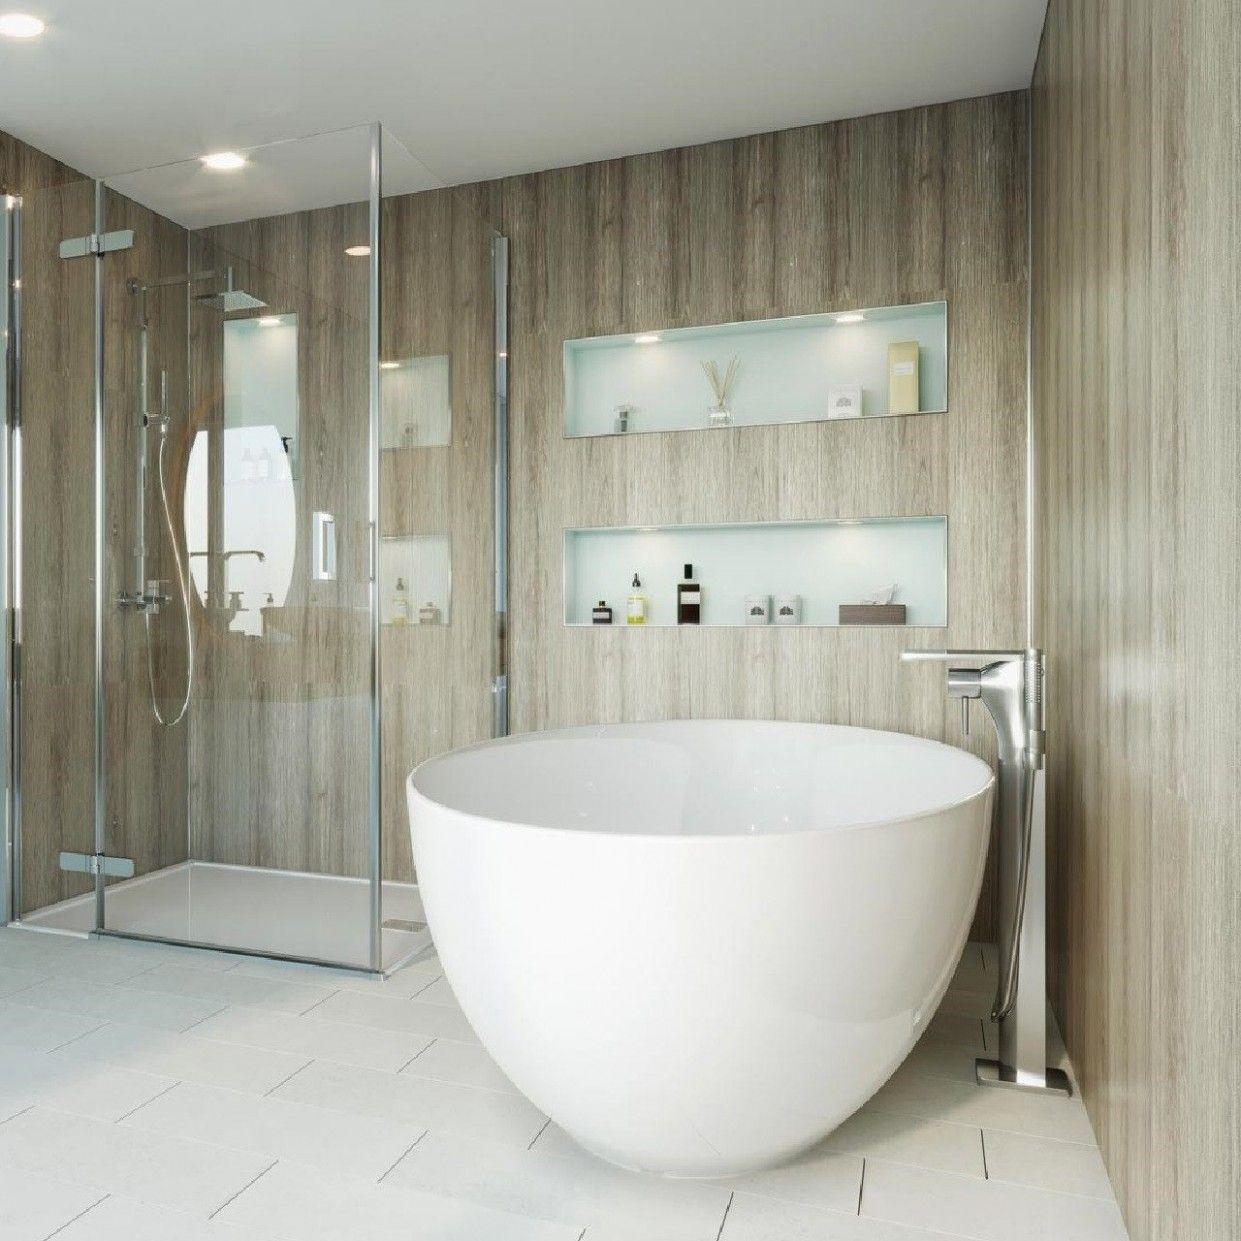 Bathroom Wall Panels Jewson In 2020 Bathroom Wall Panels Waterproof Bathroom Wall Panels Bathroom Decor